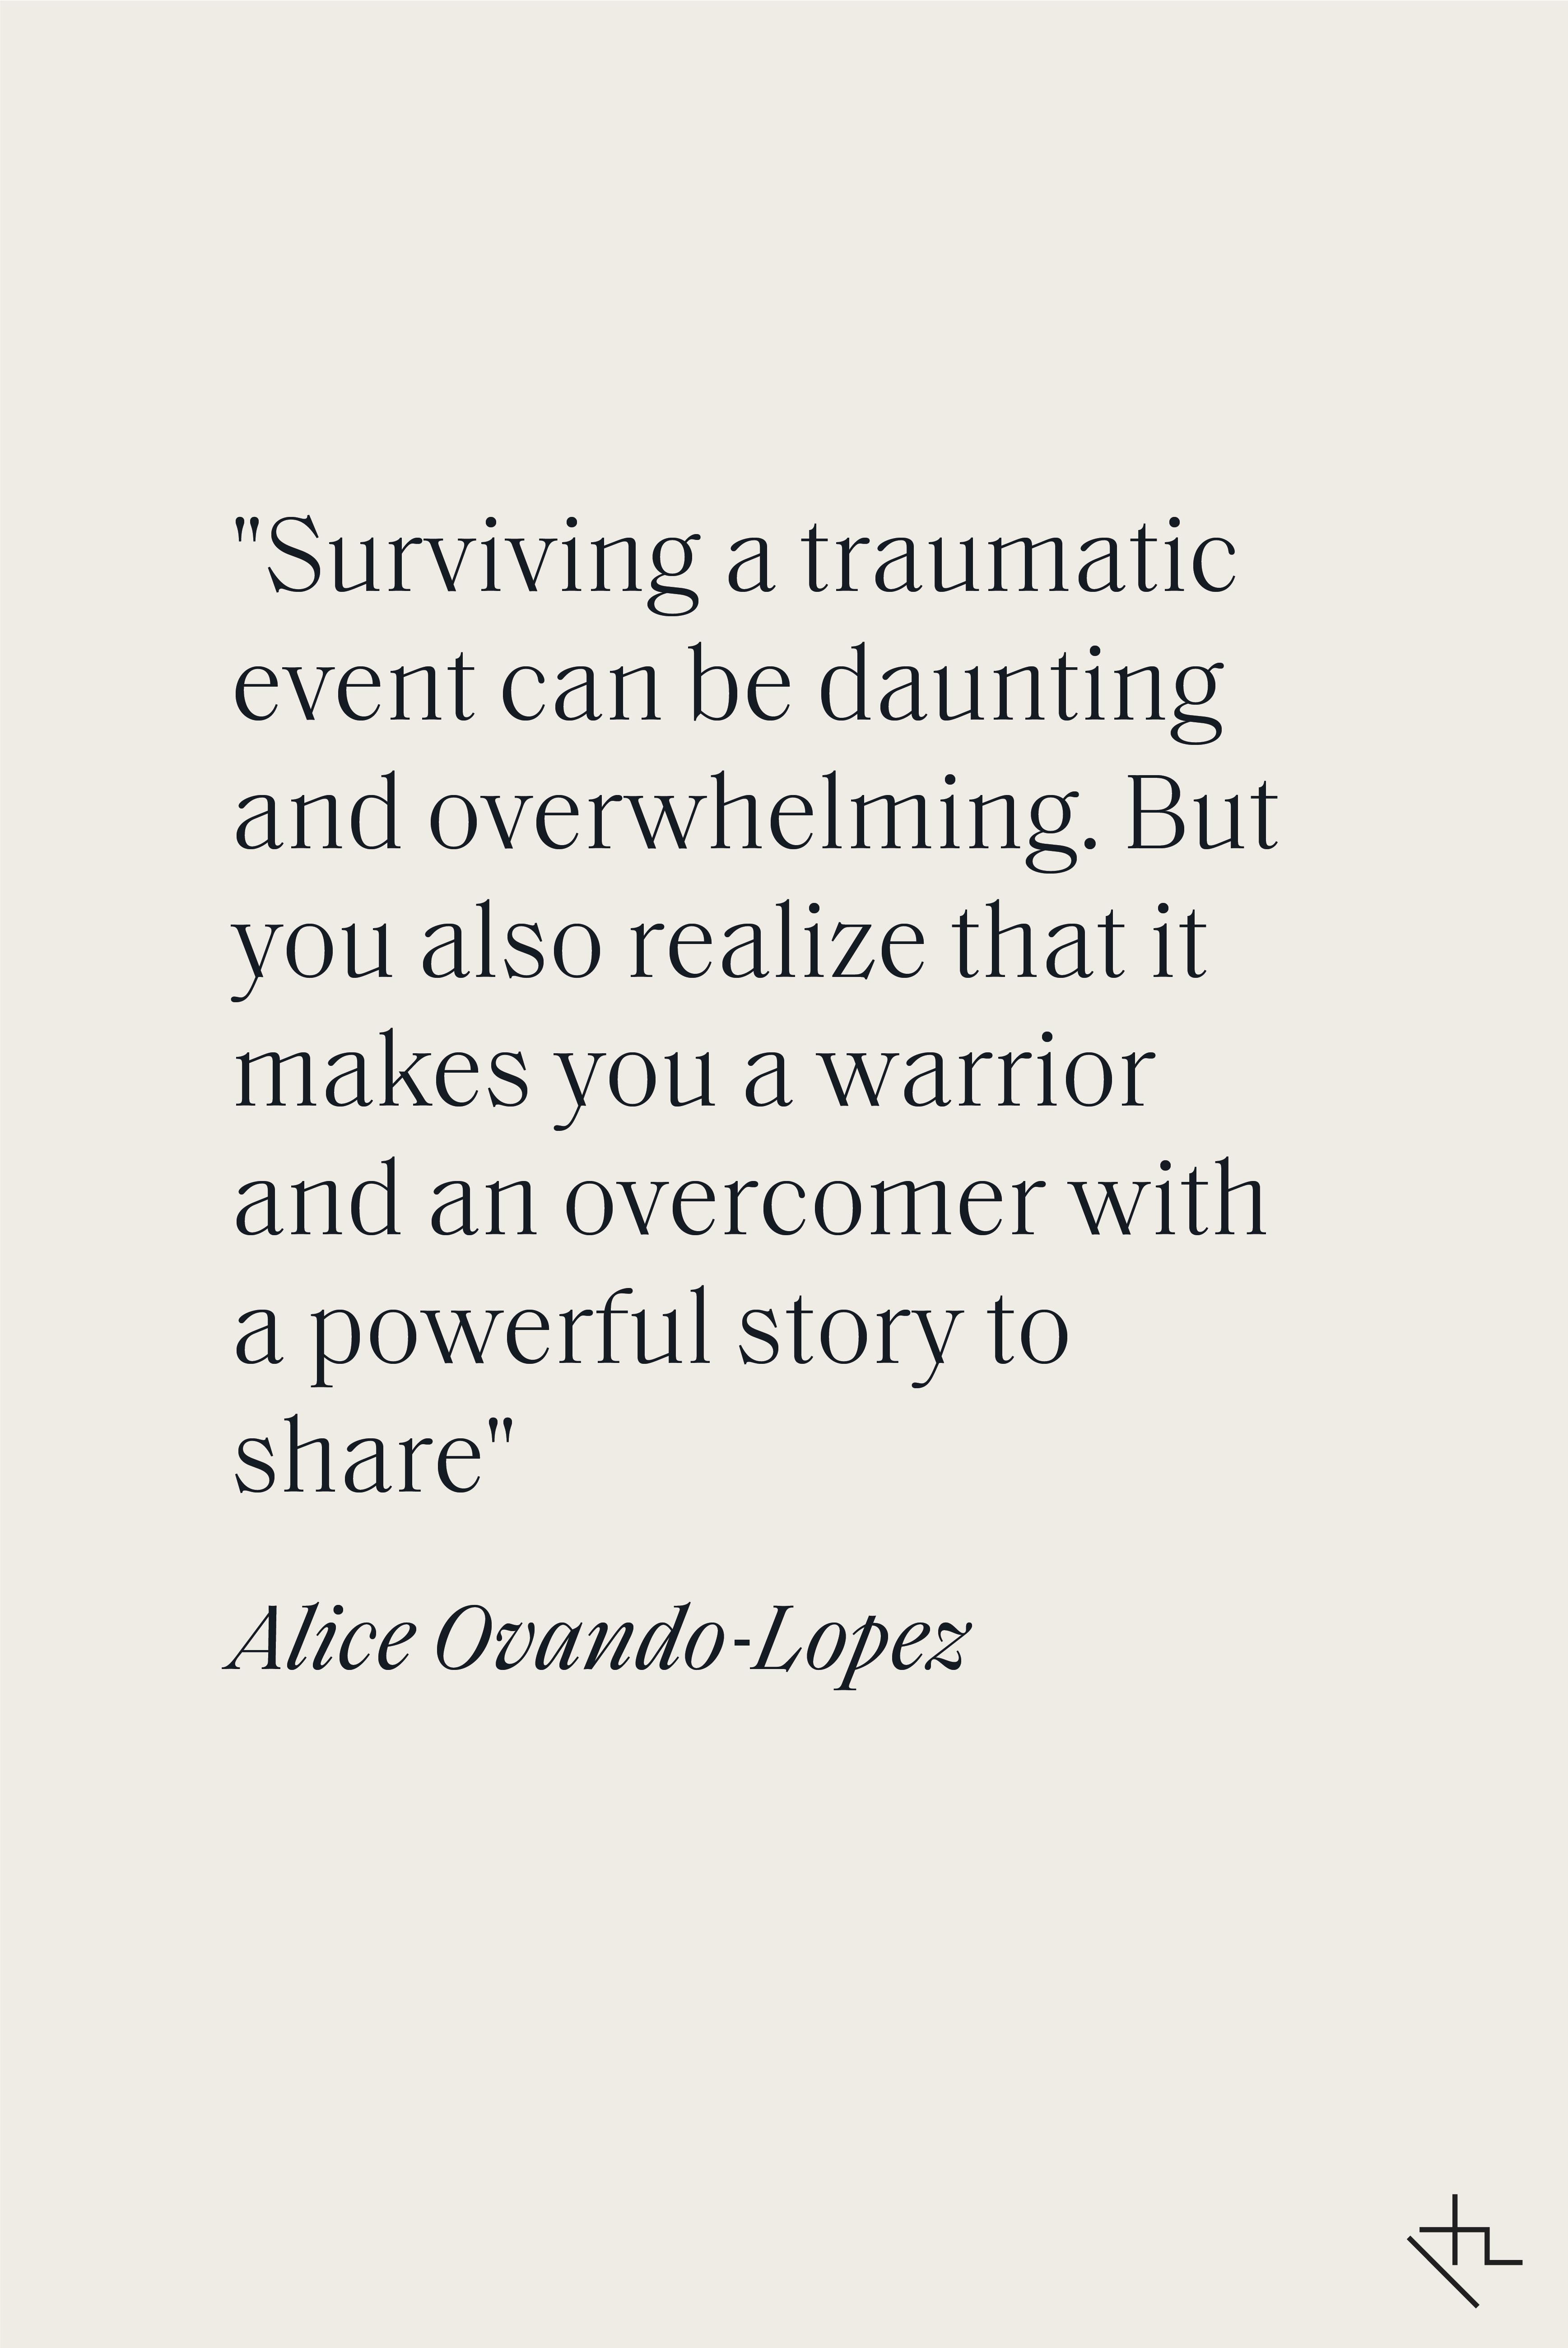 Alice Ovando-Lopez - Pinterest Image